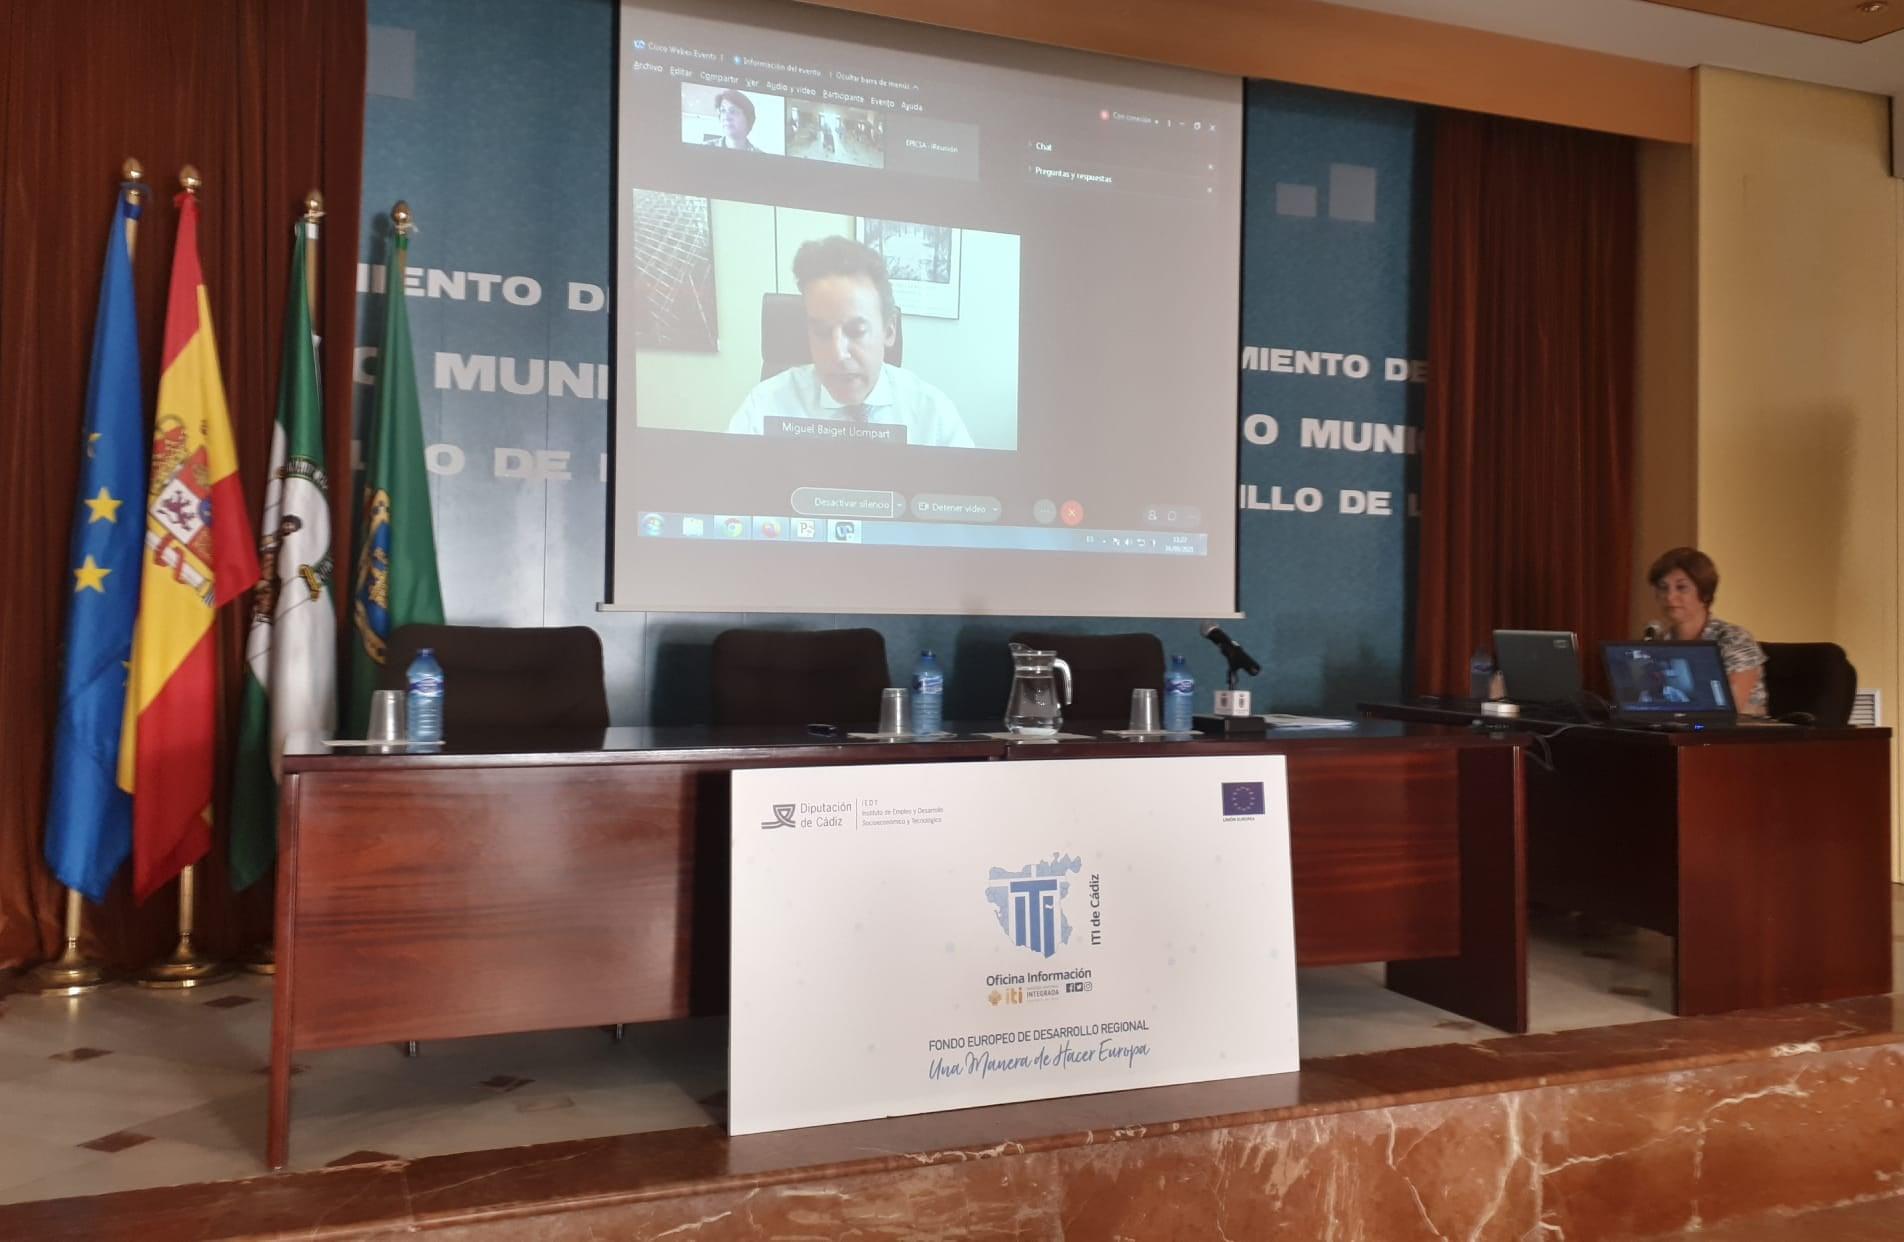 Intervención de Miguel Baiget Llompart en 2º Encuentro Red de EDUSIs de la Provincia de Cádiz